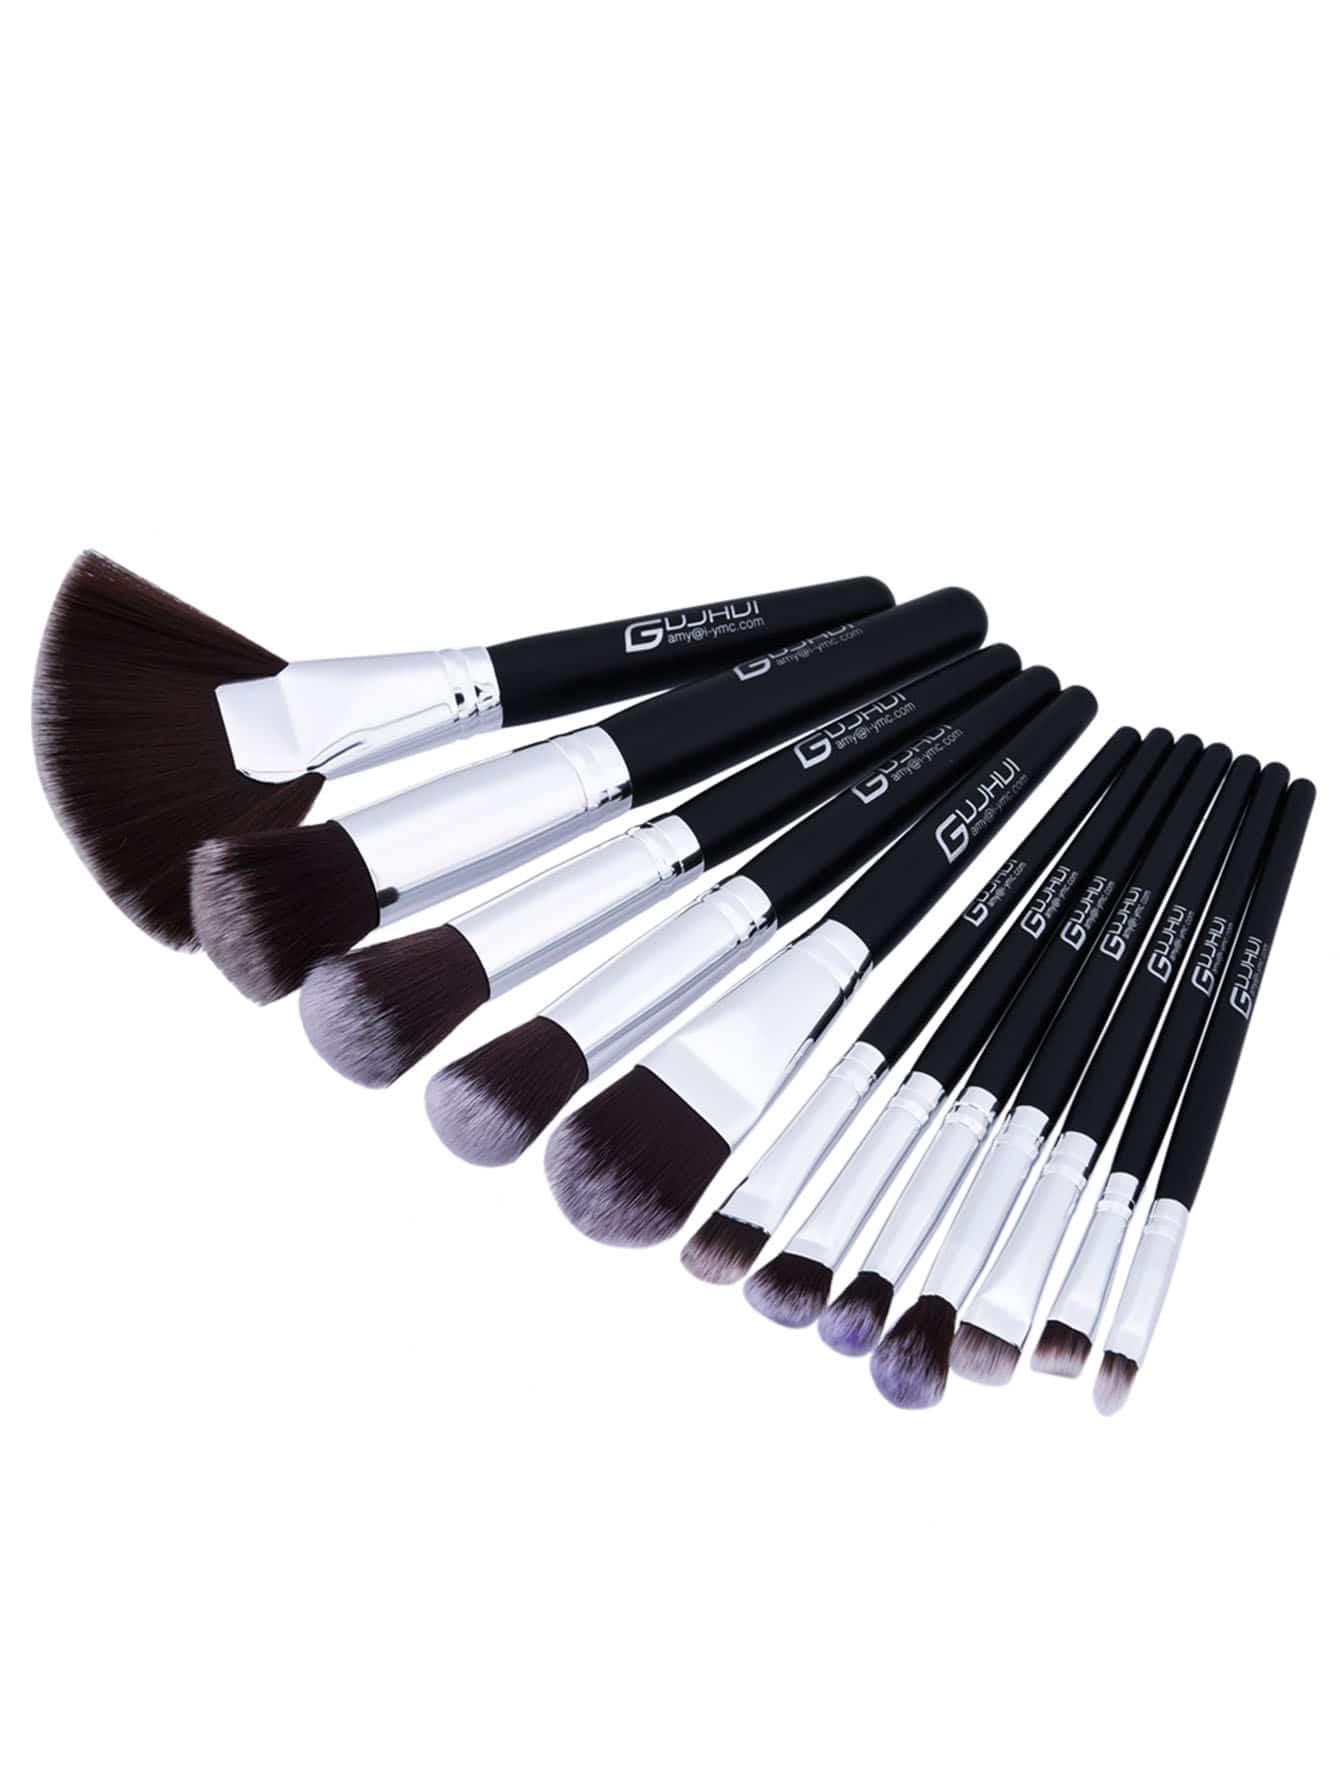 10 set di pennelli make-up a meno di 10,00 Euro!